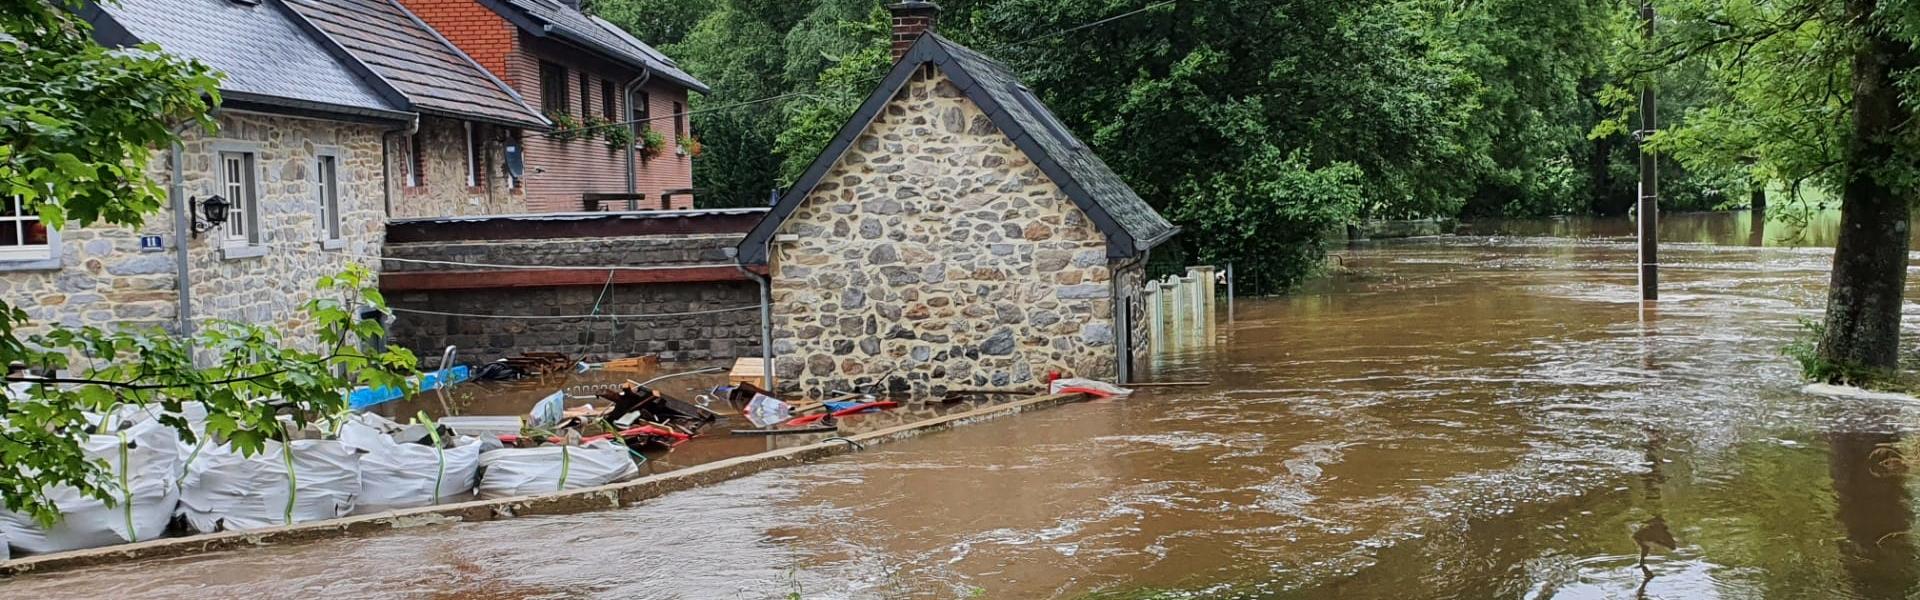 Hochwasser an der Rochuskapelle